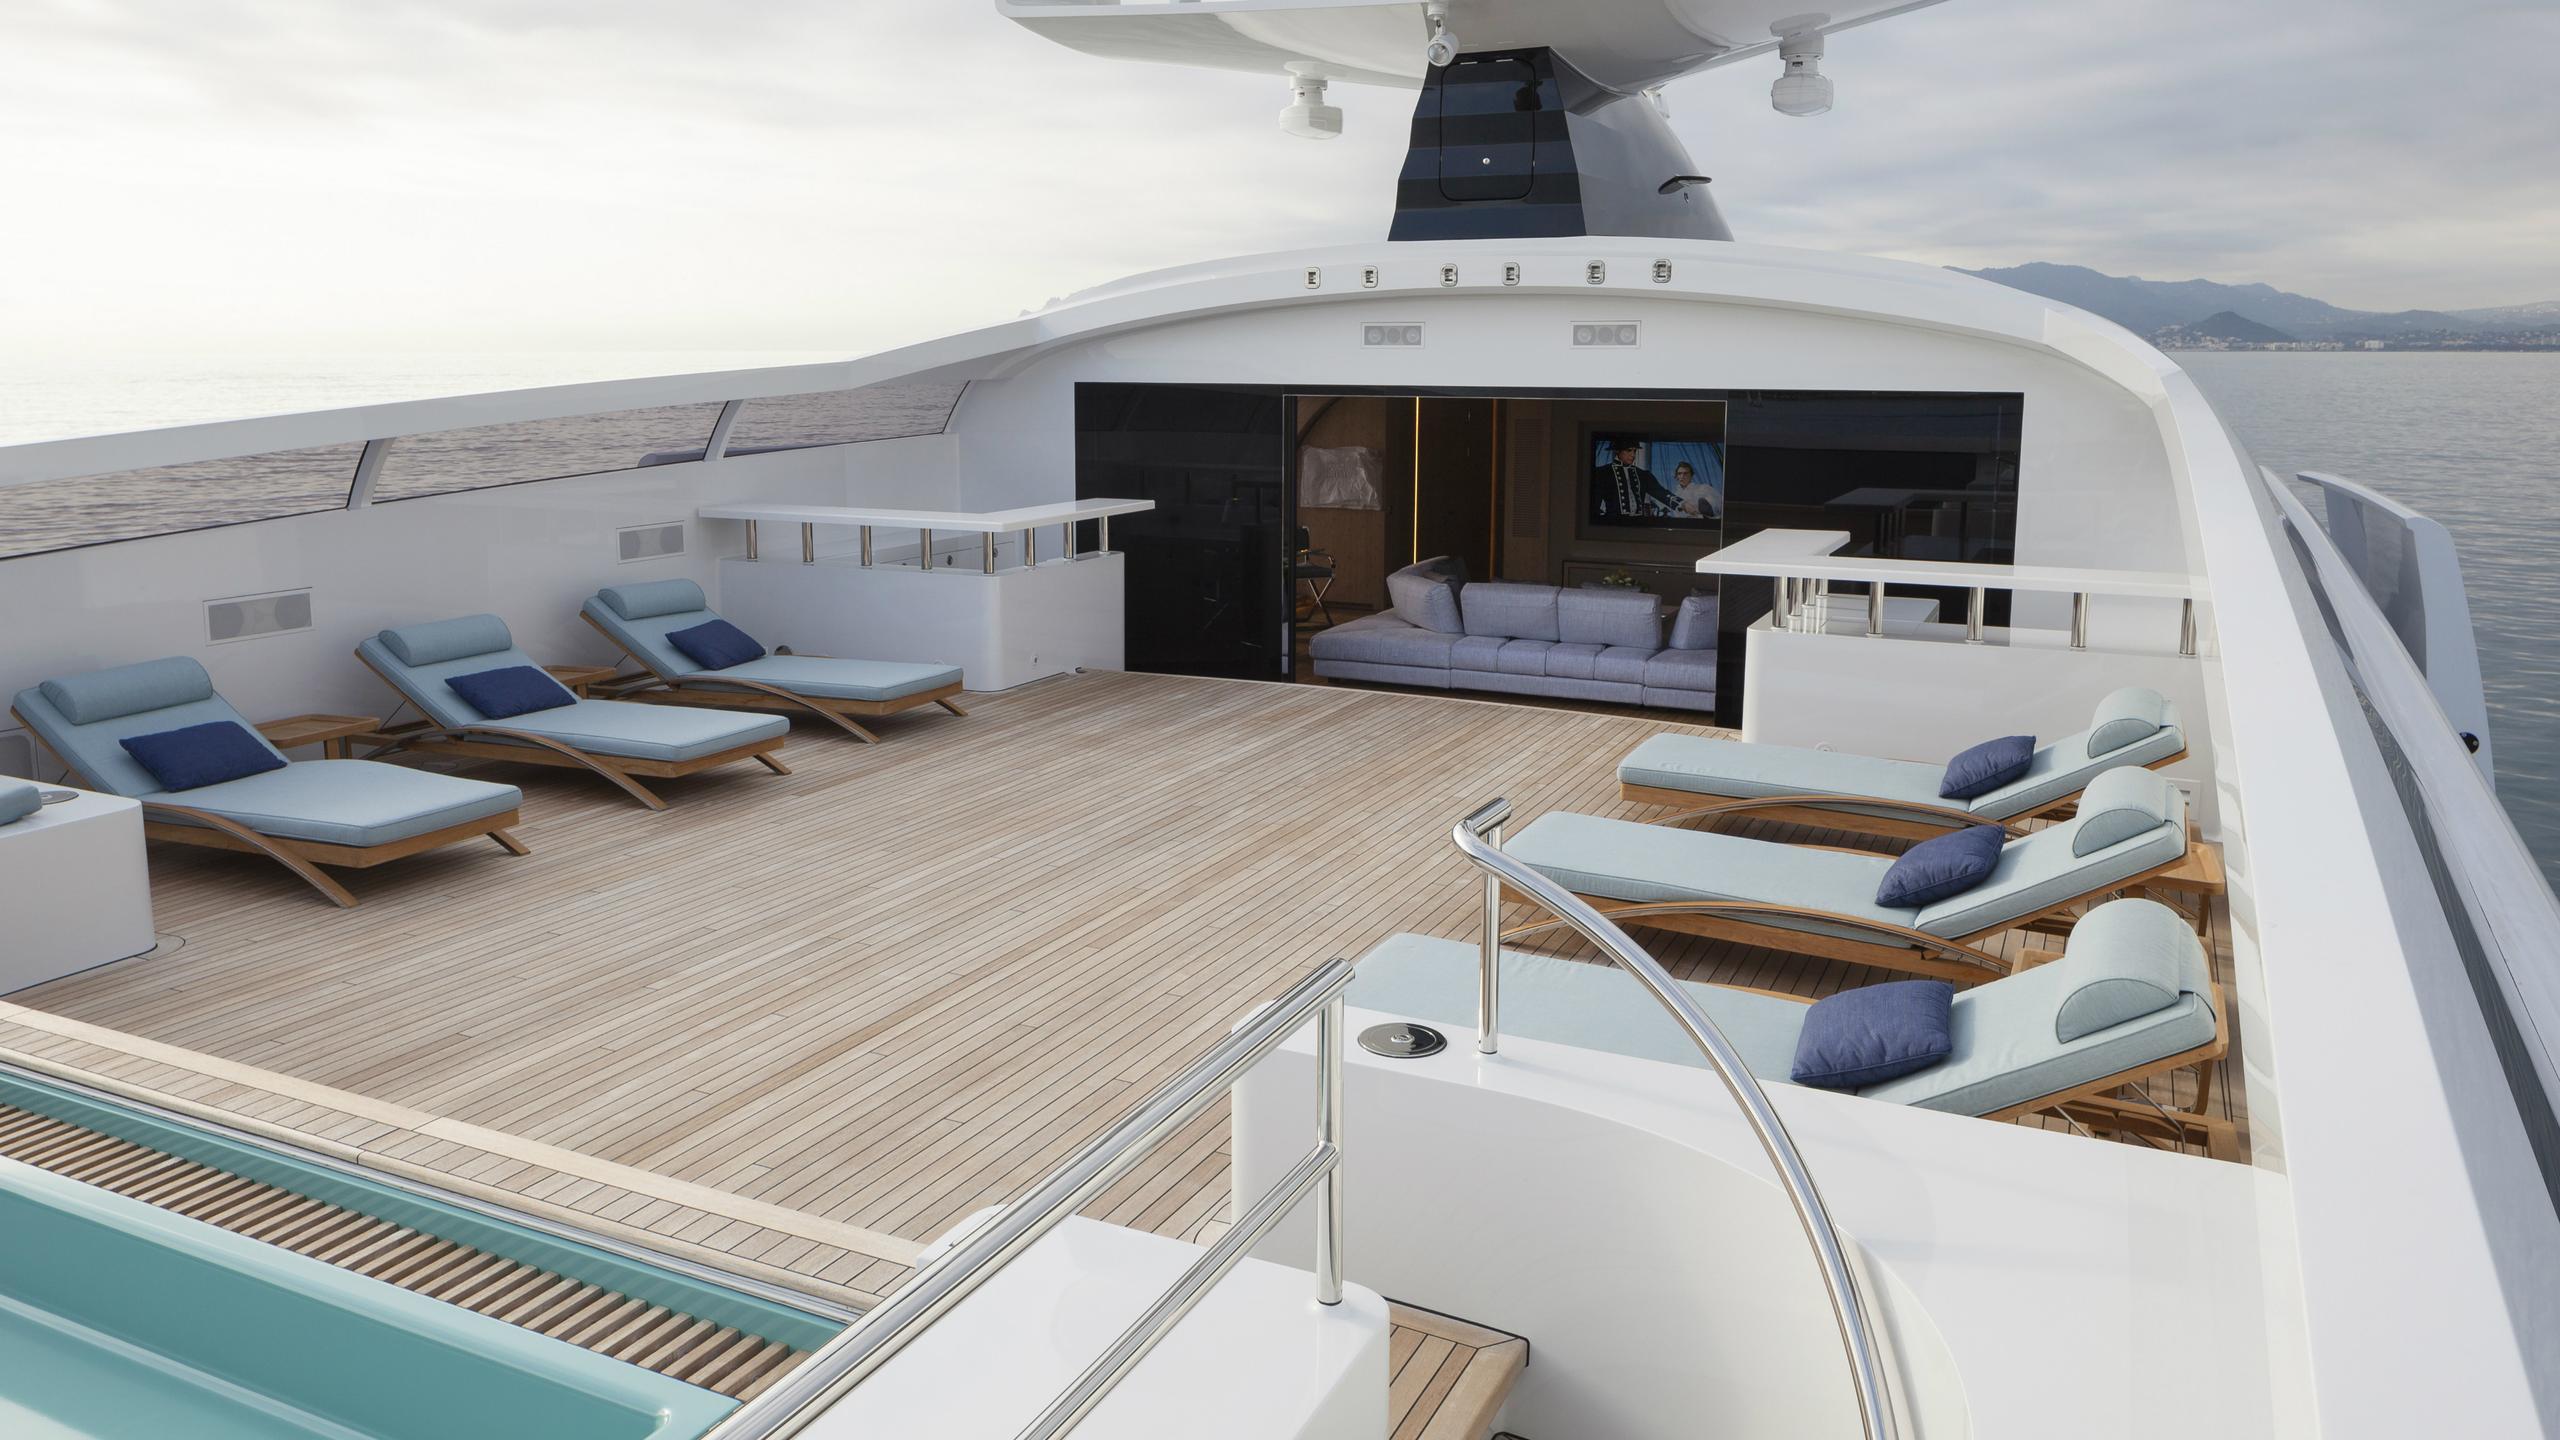 crazy-me-motor-yacht-heesen-2013-50m-deck